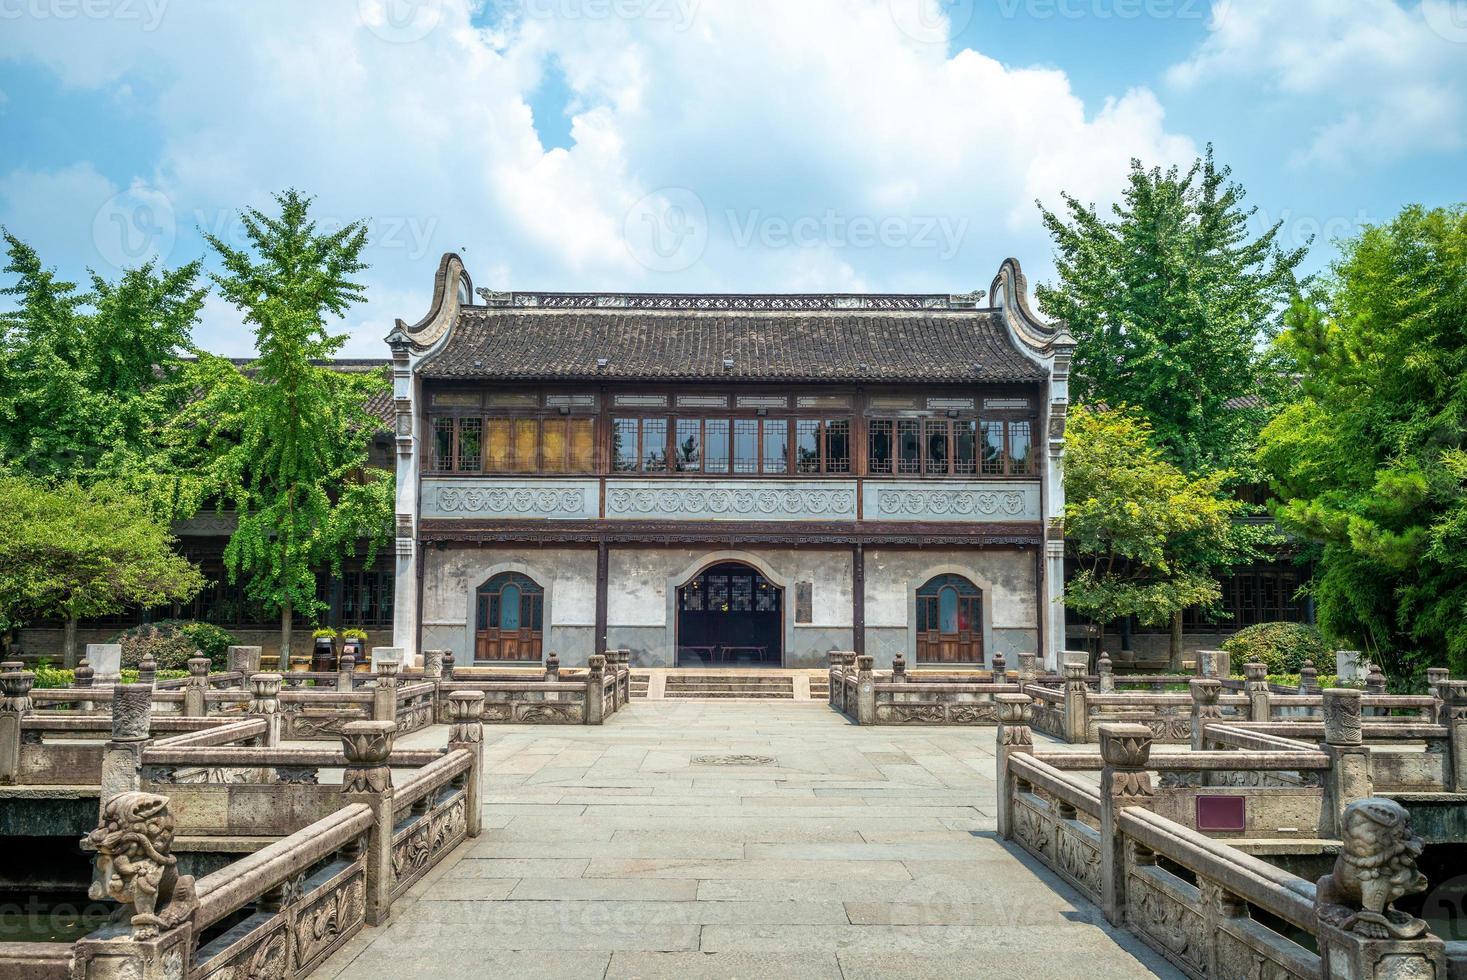 Fachada de la academia zhaoming en wuzhen, zhejiang, china foto